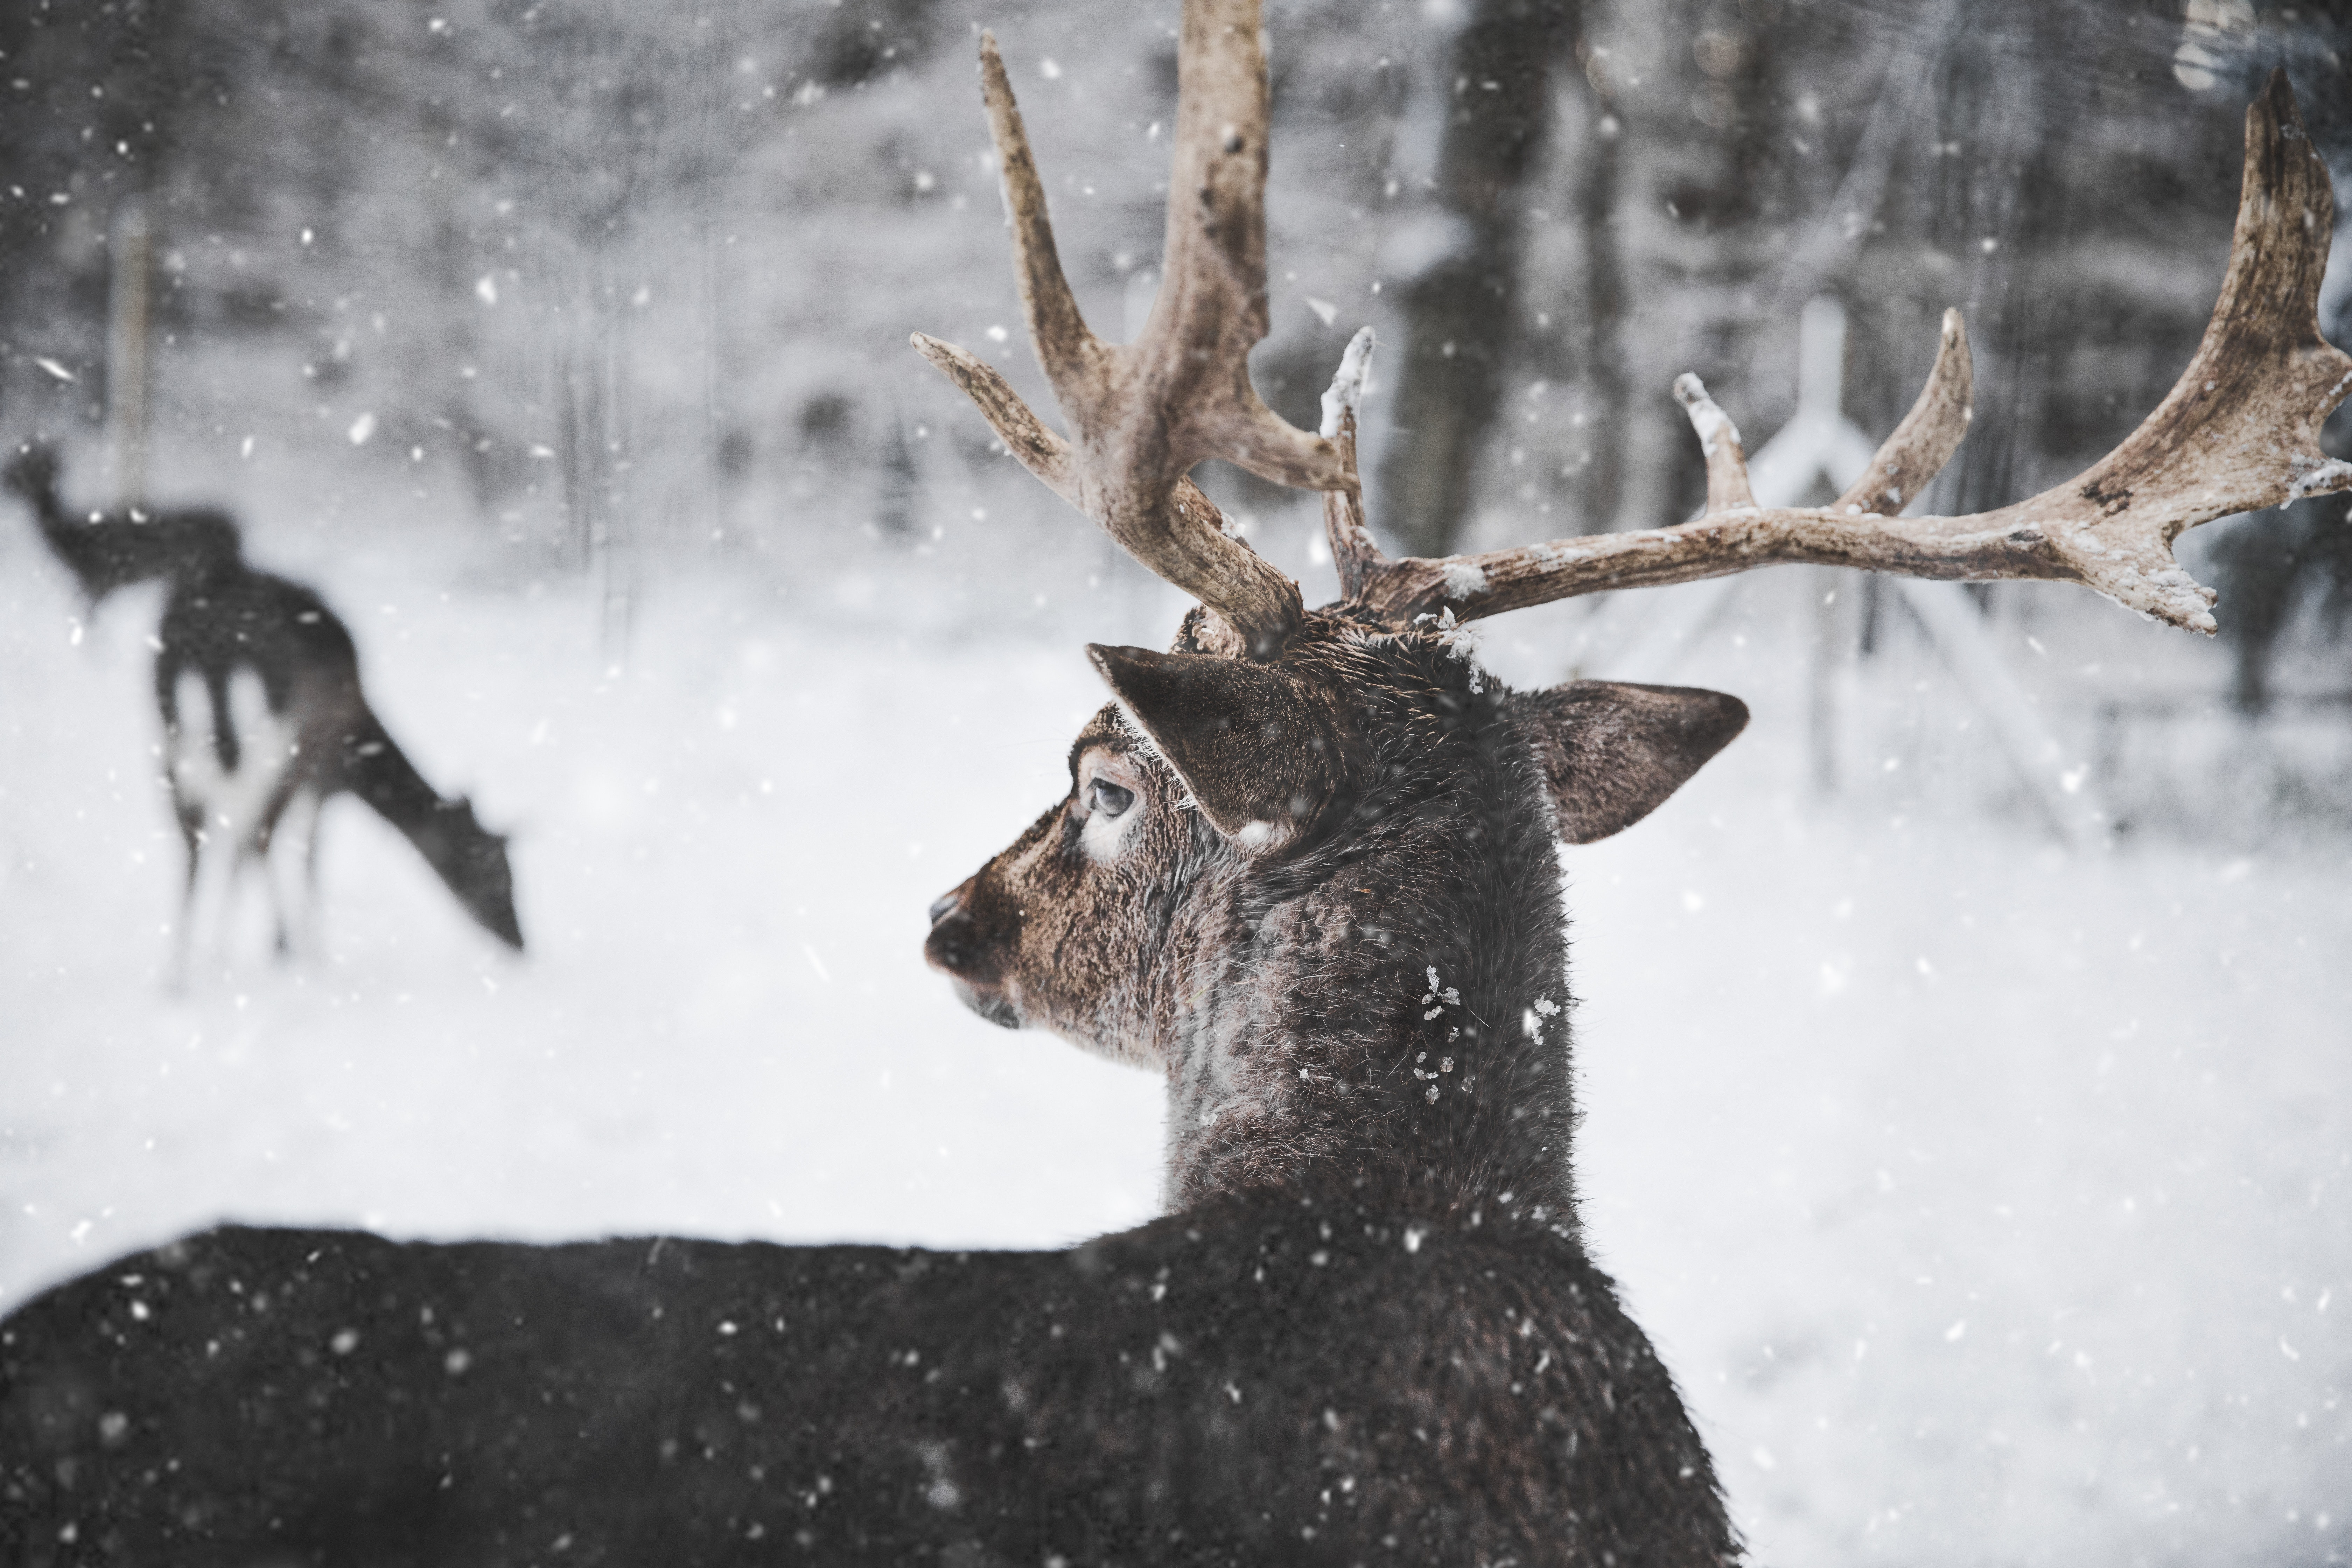 deer looking through snow